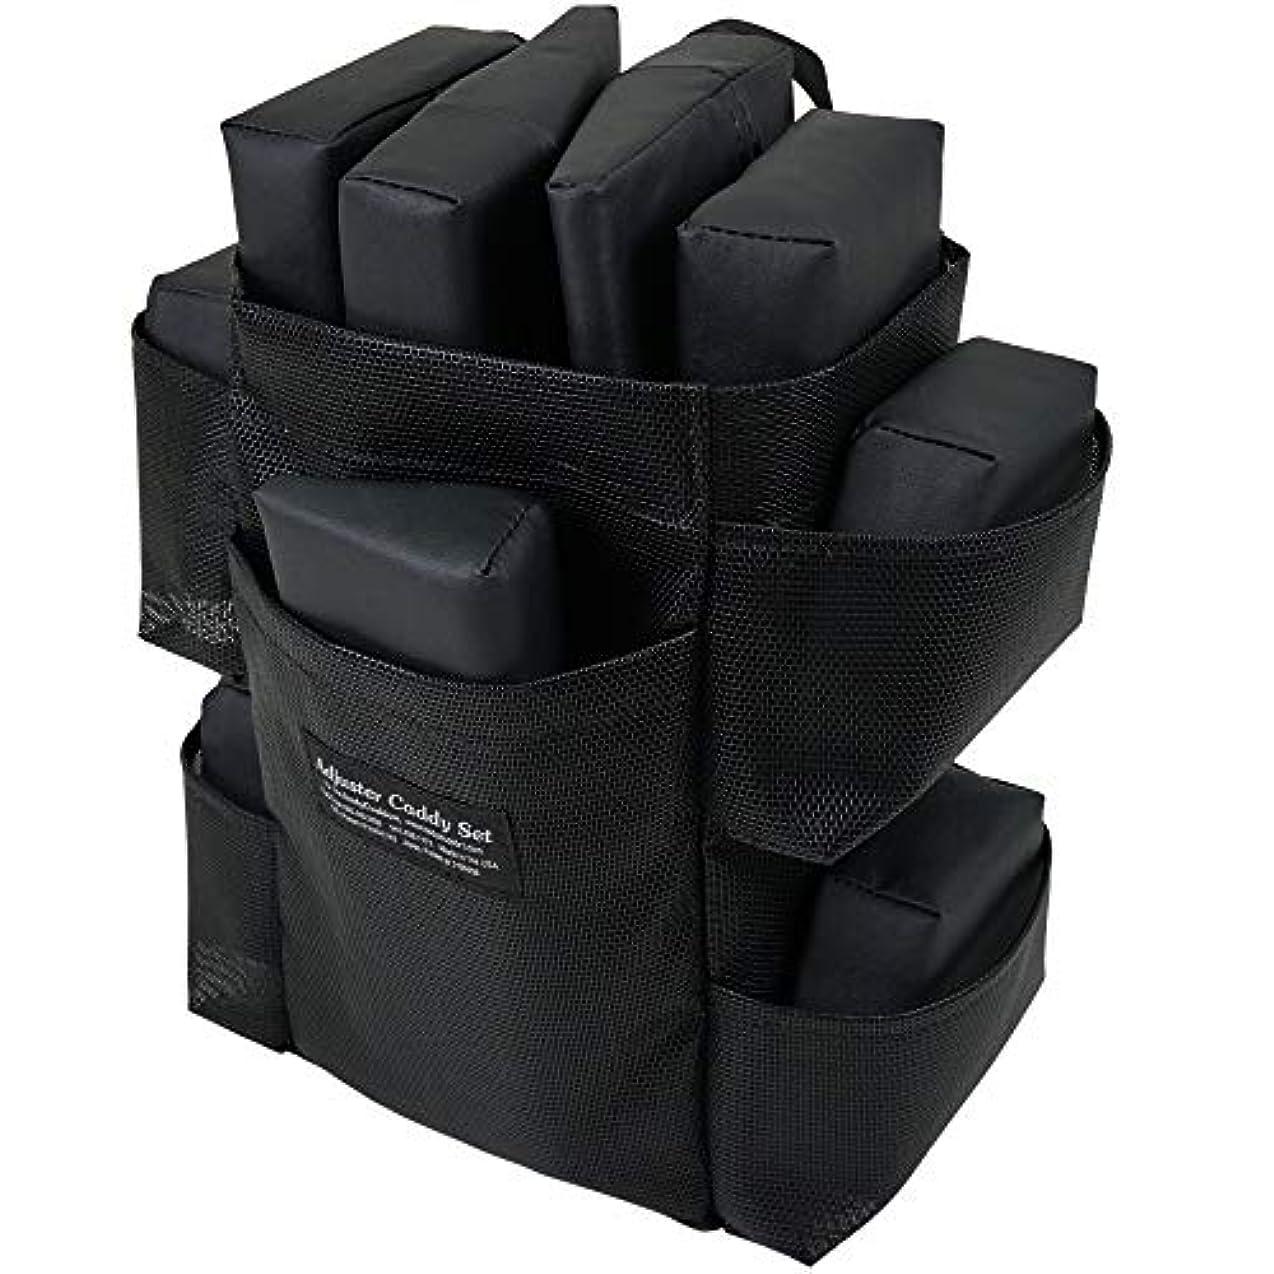 チームみがきます混乱したピースバッグセット ボディークッション 用 の エクステンダーピース と アジャスターピース バッグ付き